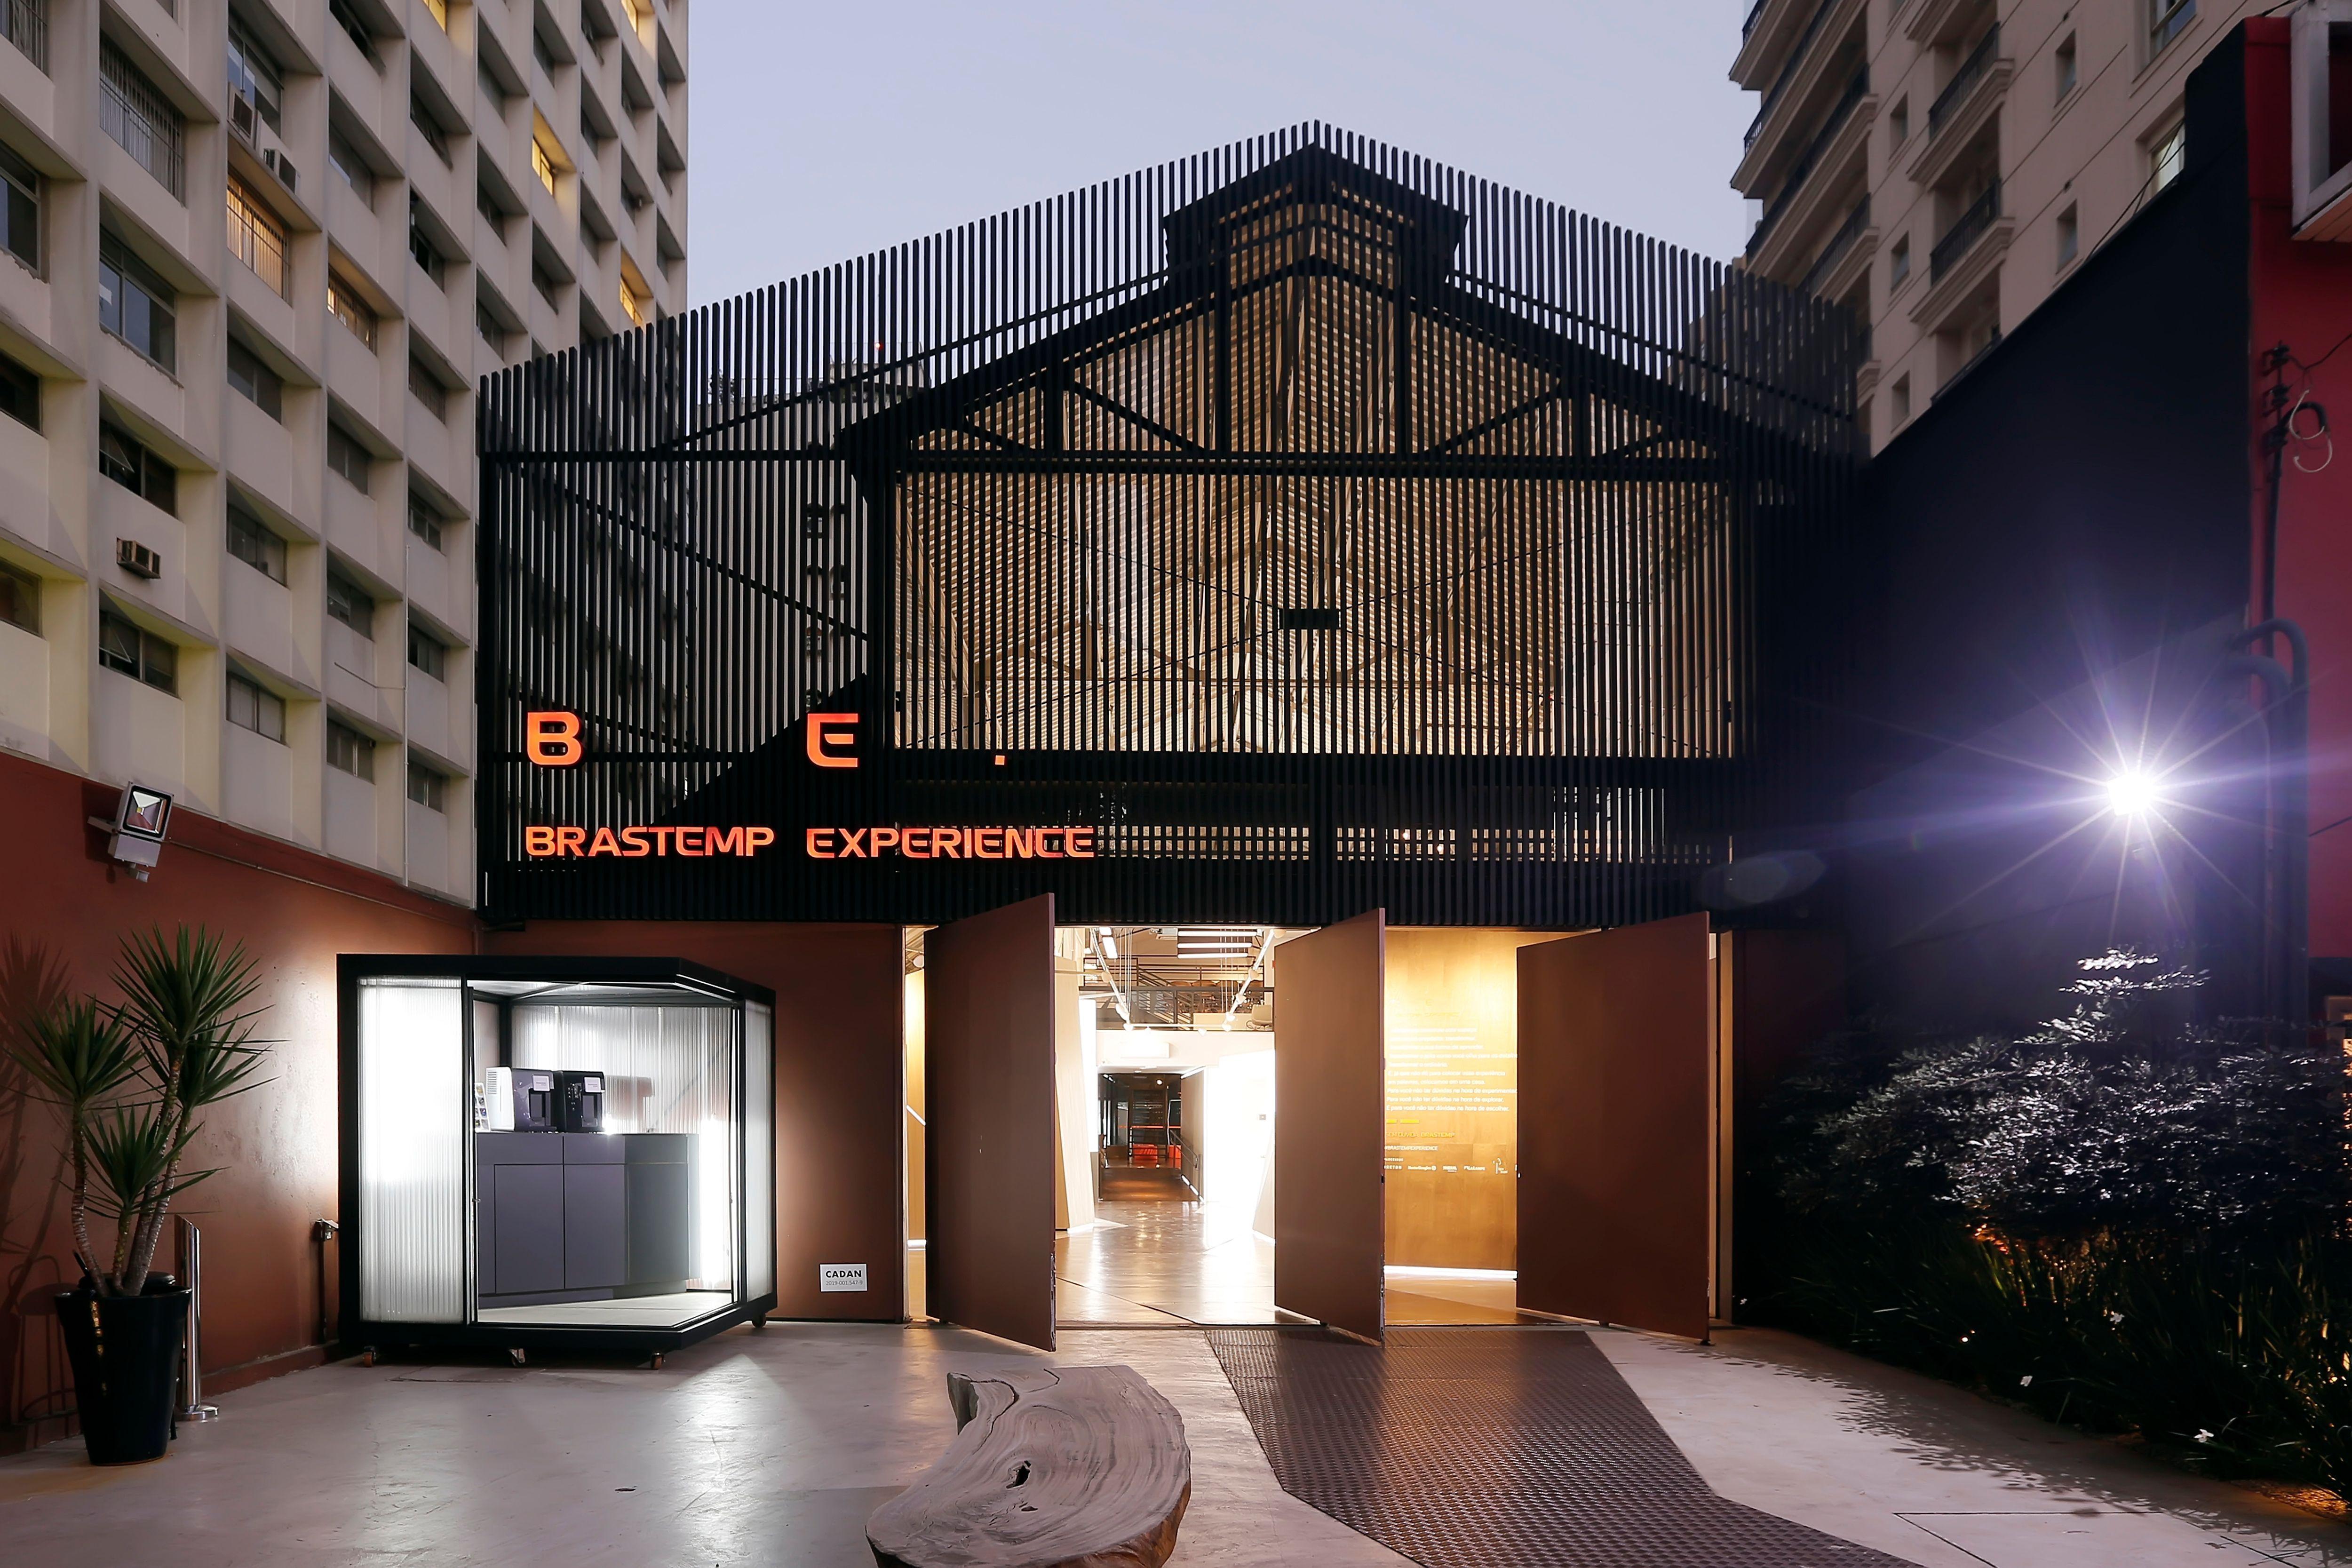 Nova casa Brastemp Experience